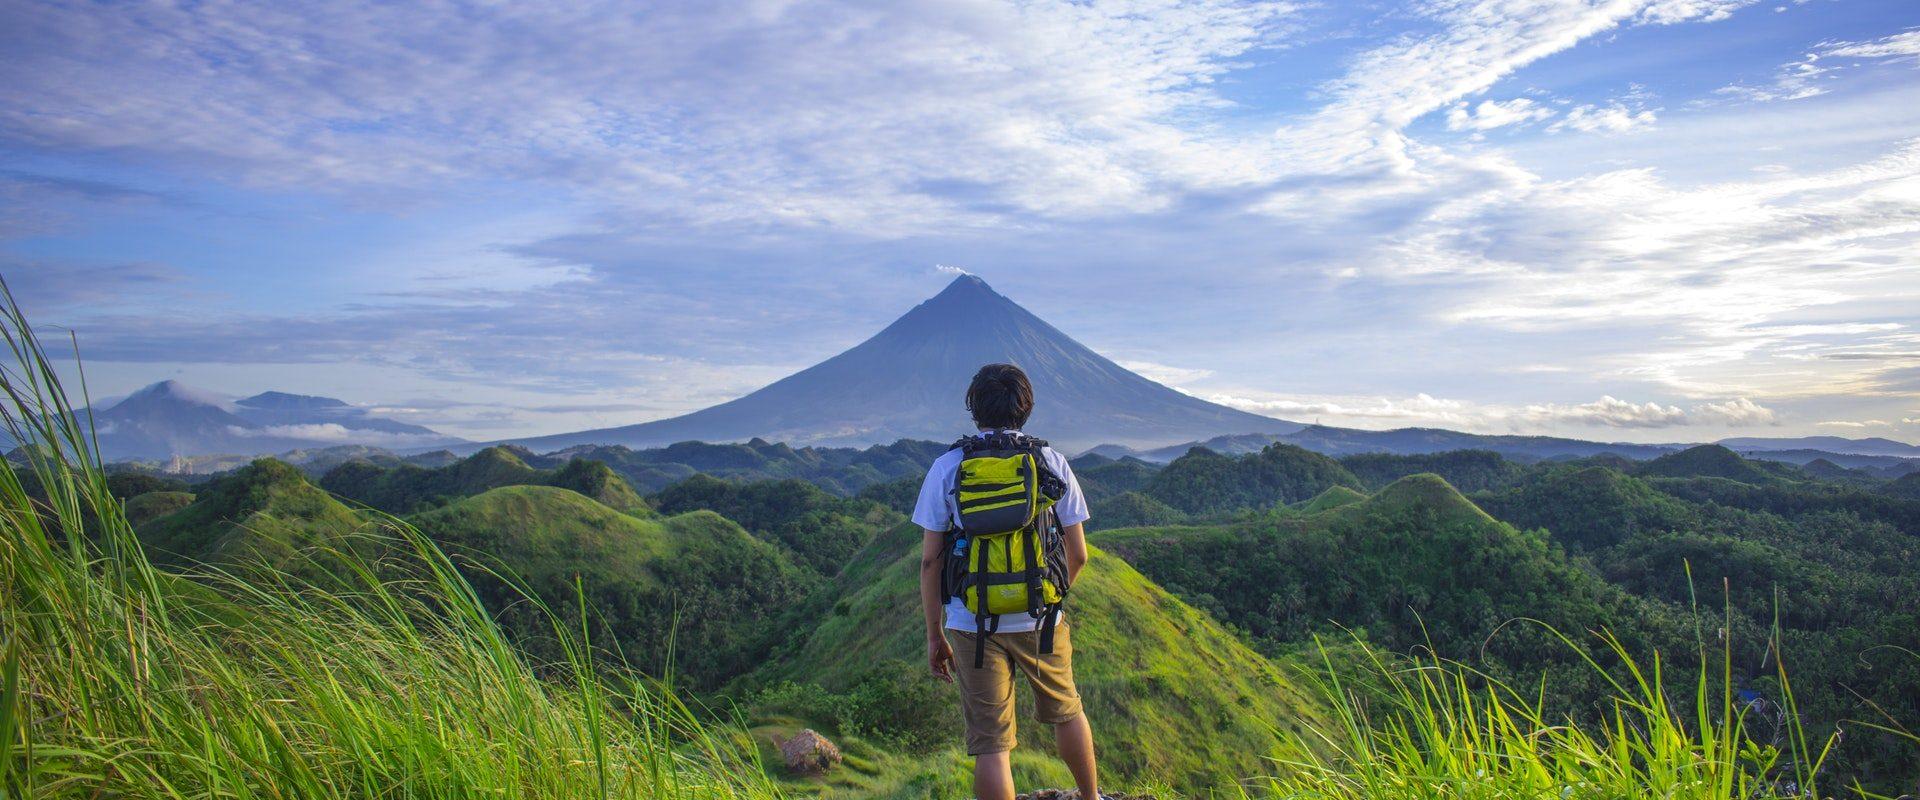 Κάντε κράτηση για μοναδικά ταξίδια και εμπειρίες σε όλο τον κόσμο.